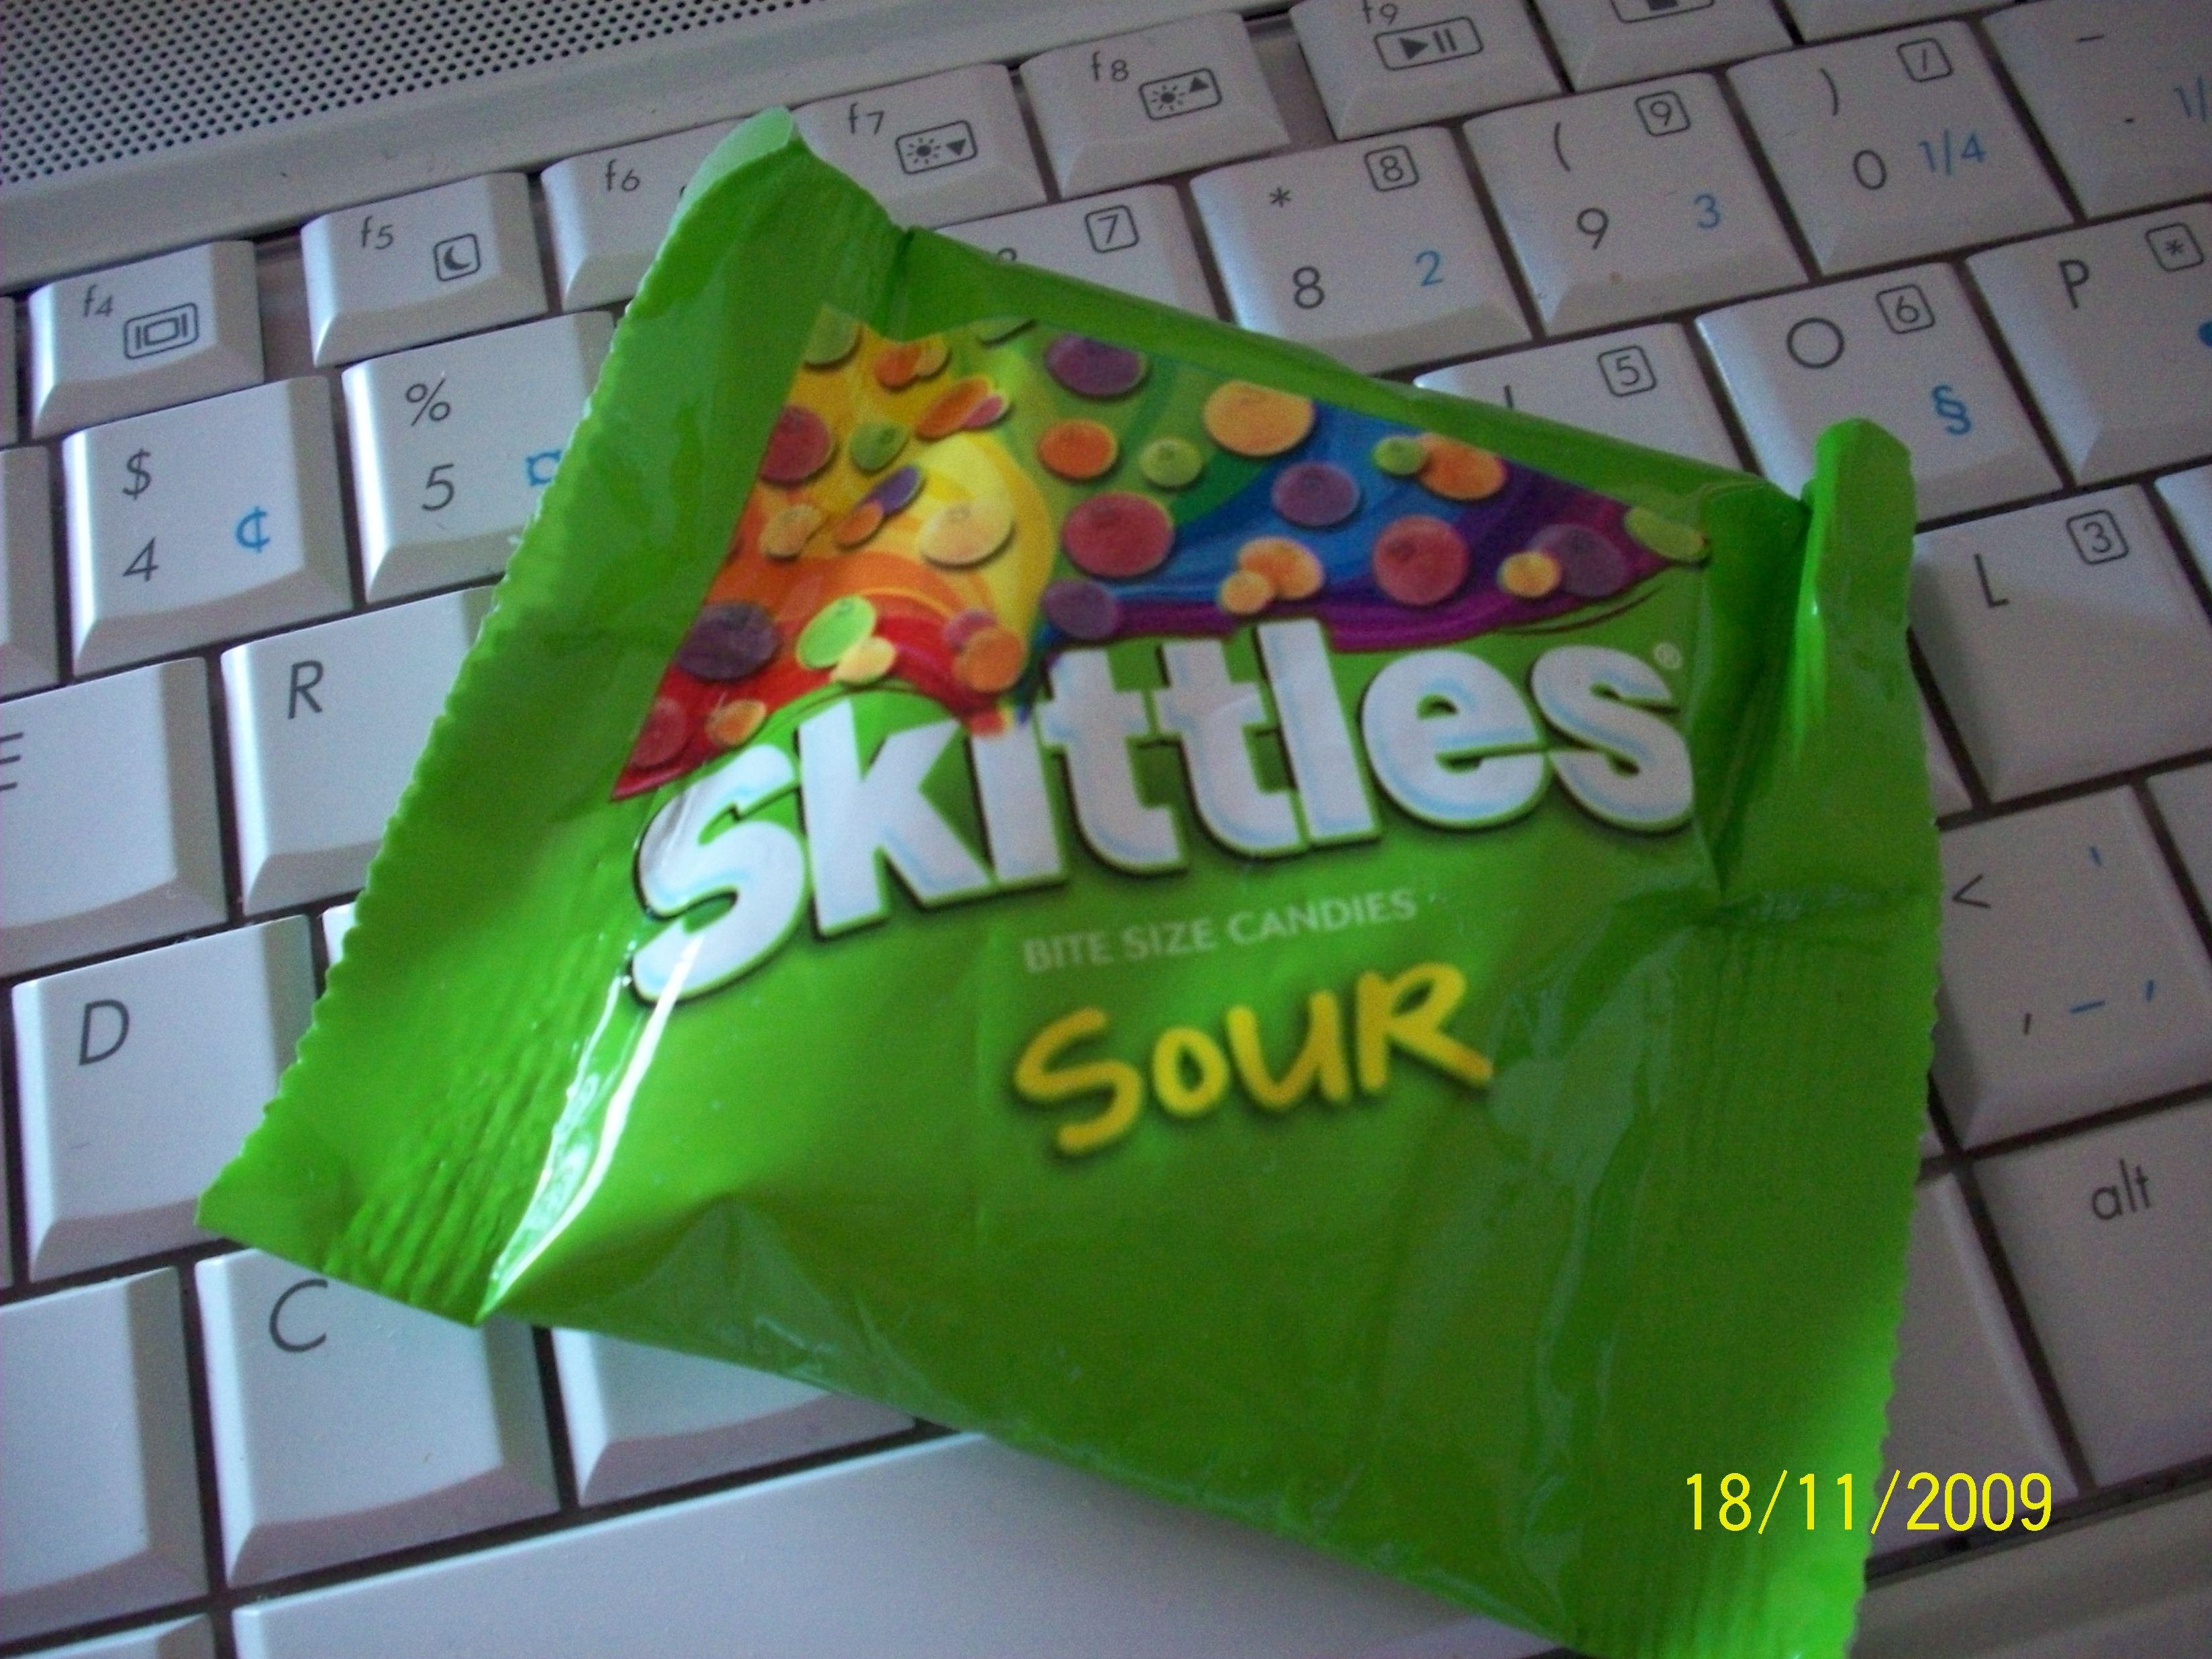 http://foodloader.net/cutie_2009-11-18_Skittles.jpg